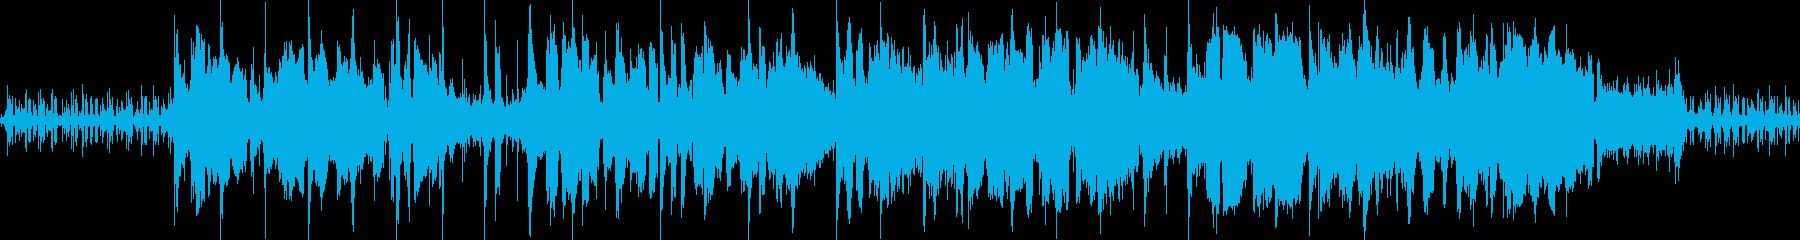 レコードから聴こえてくる切ないポップスの再生済みの波形